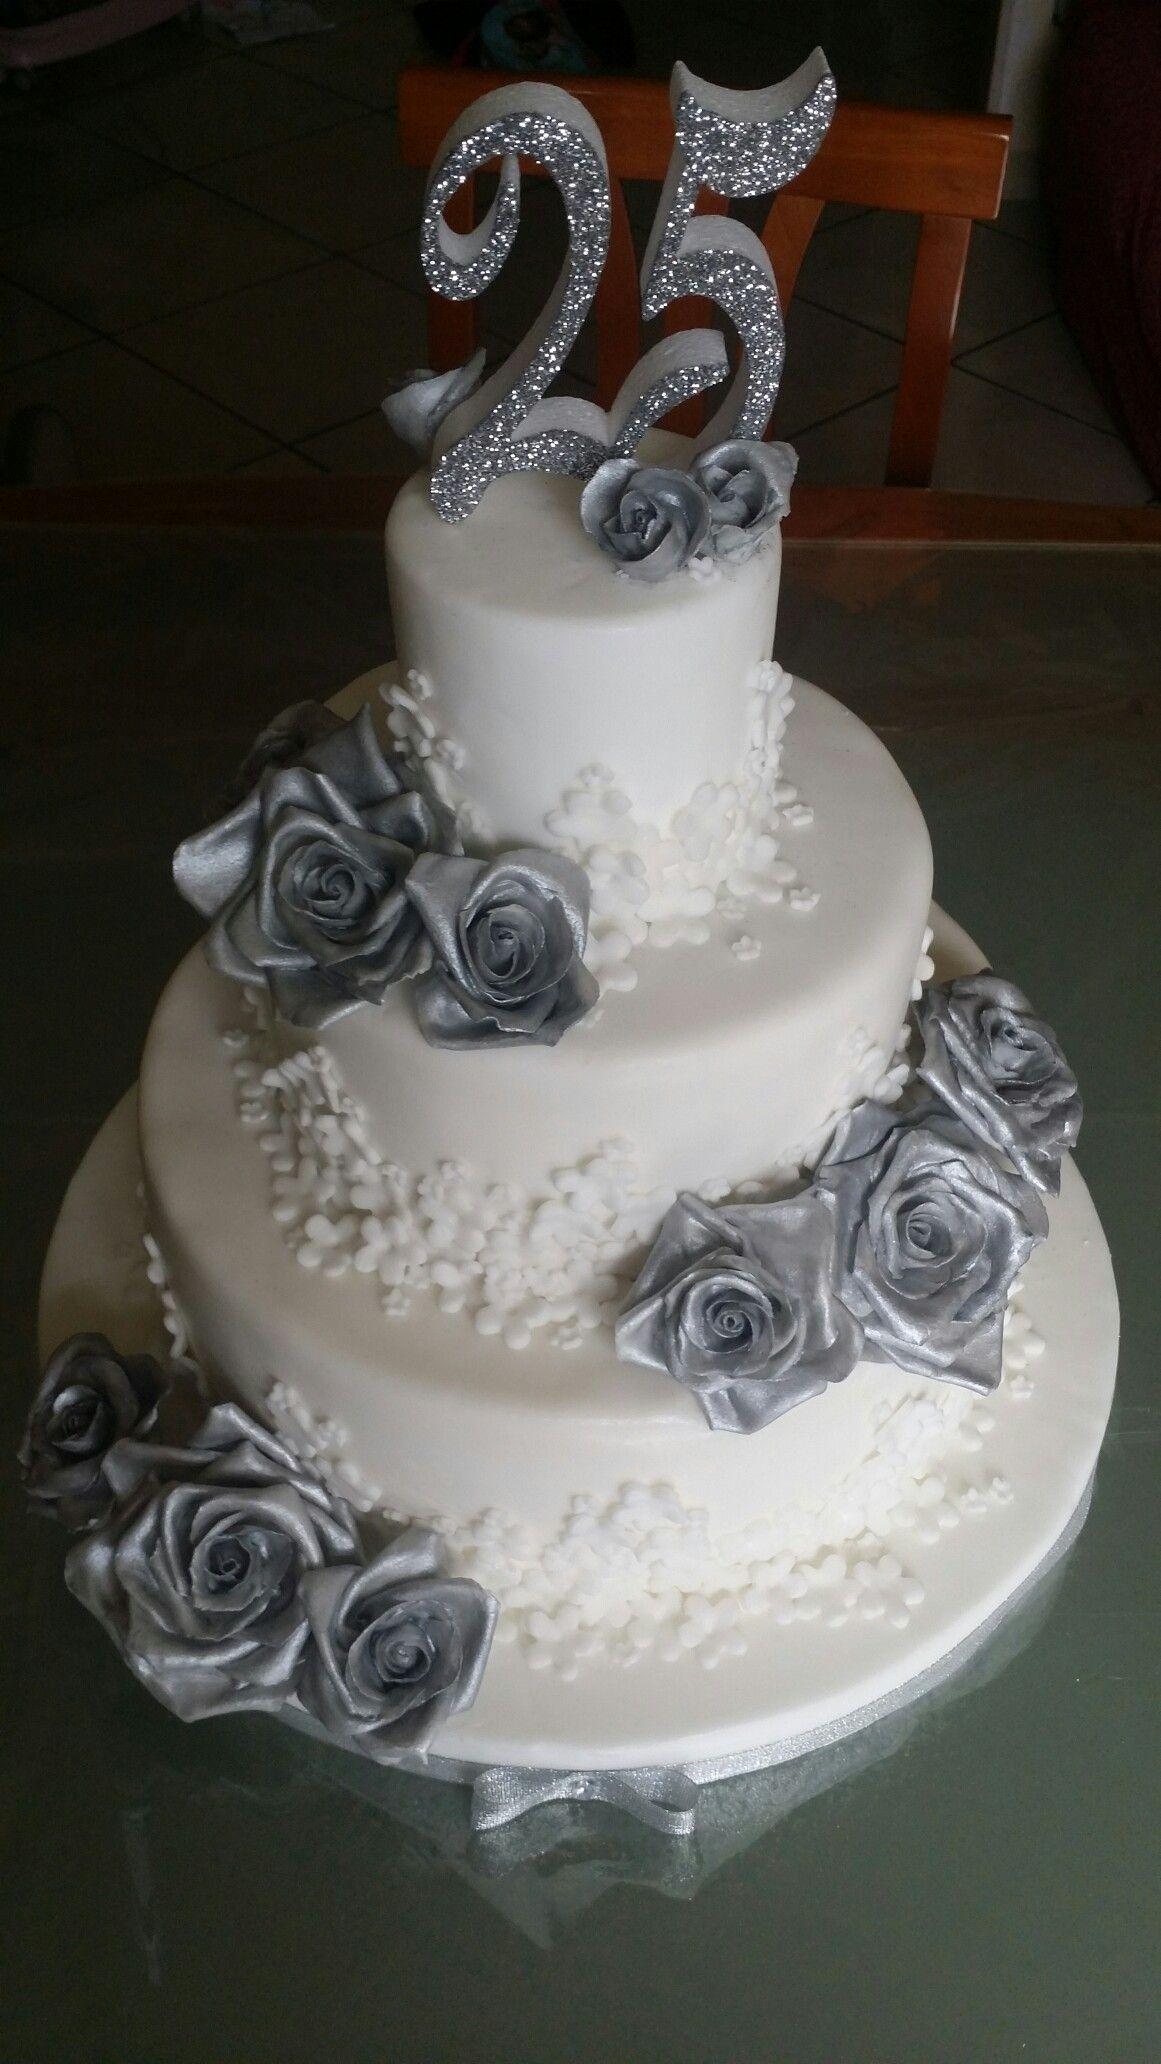 25 Anni Di Matrimonio Sweet Anniversary 25 Anniversario Di Matrimonio Torta Di Anniversario Idee Torta